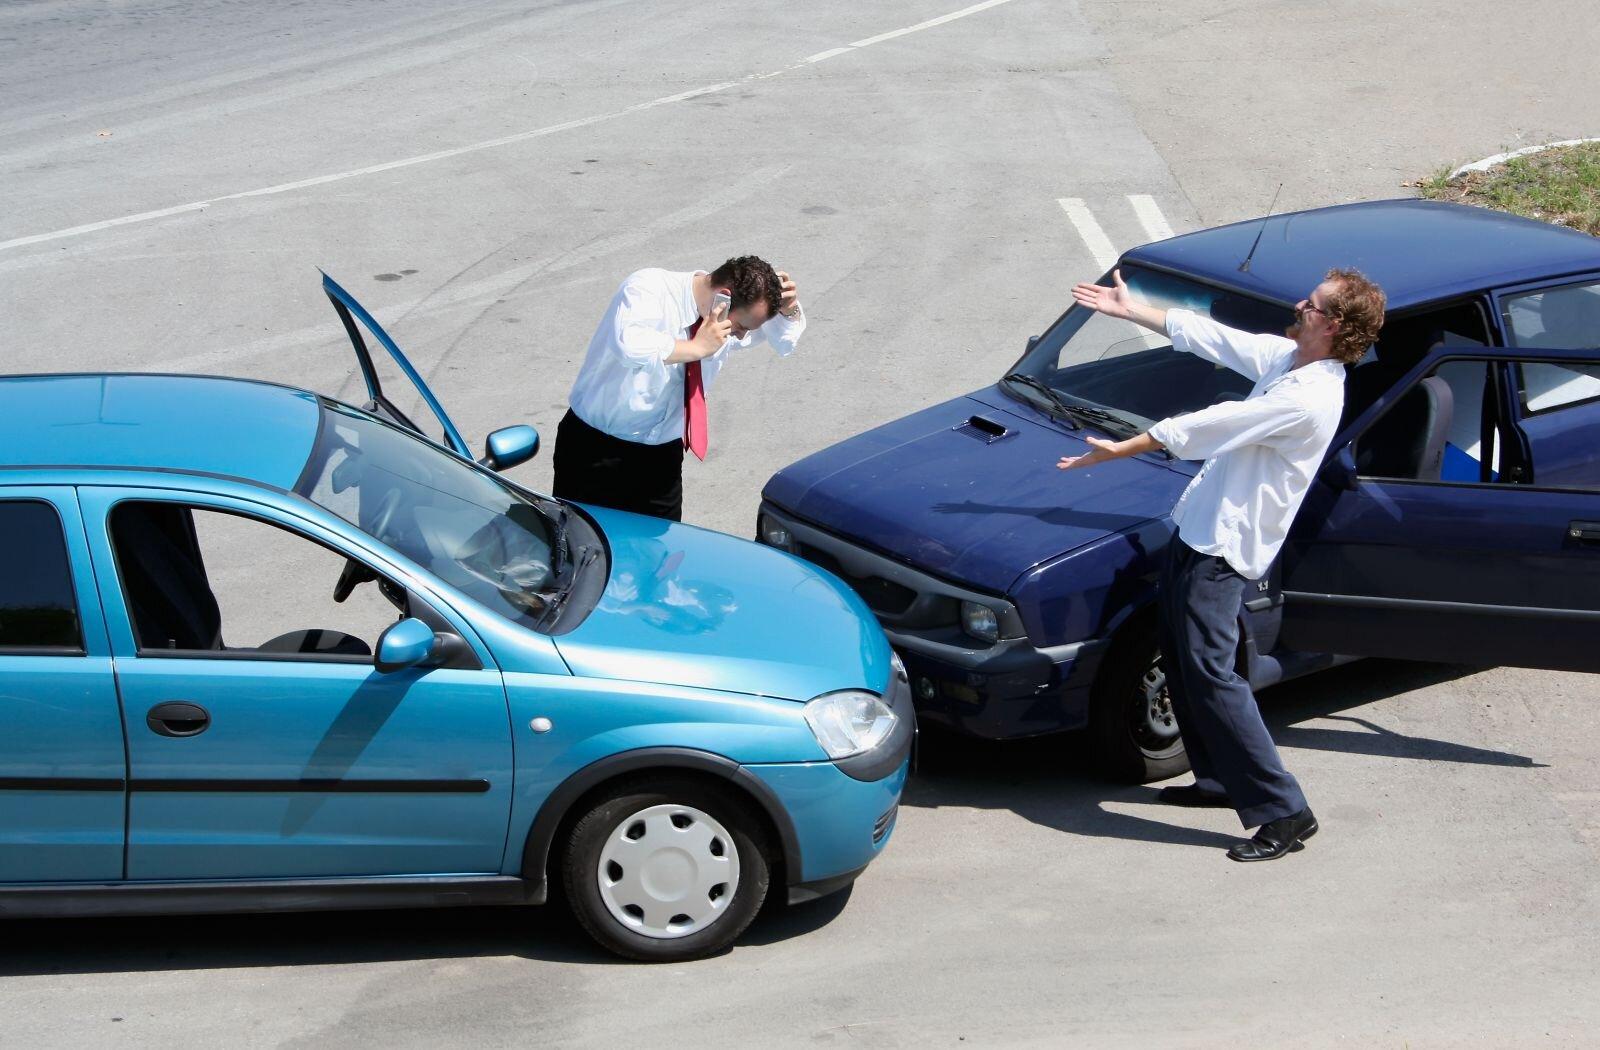 Có những loại bảo hiểm xe ô tô nào?